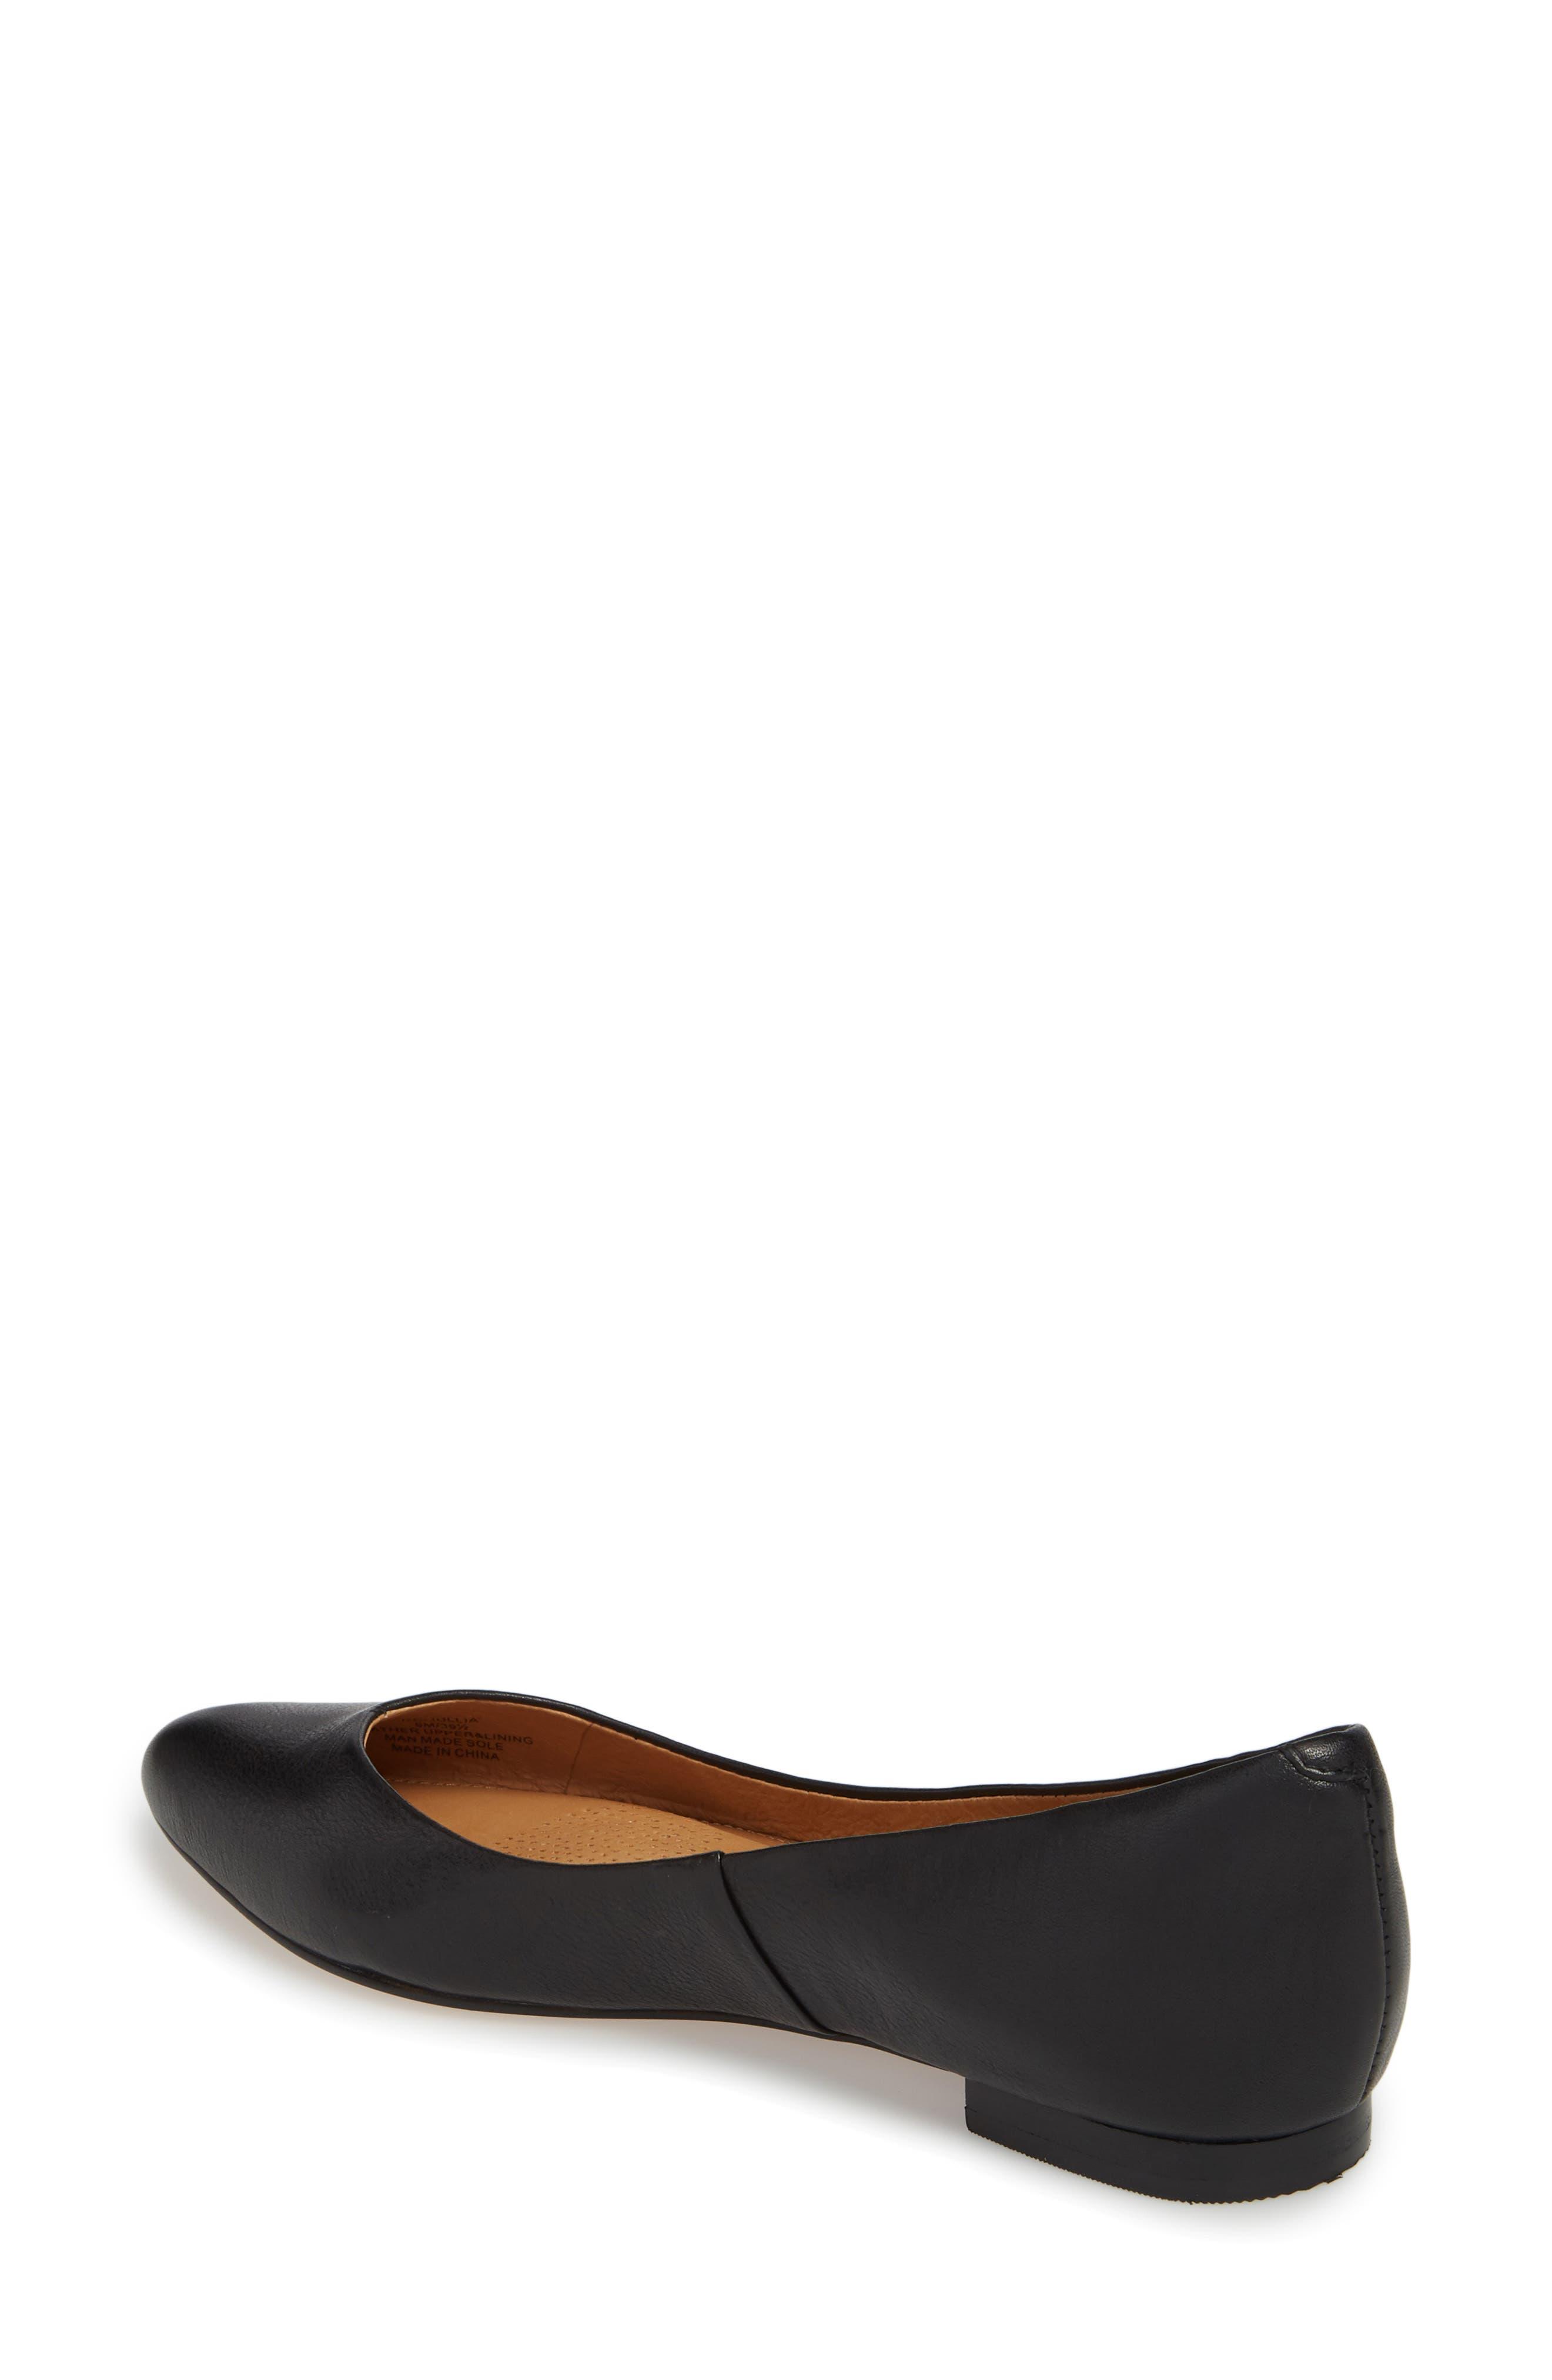 Jullia Flat,                             Alternate thumbnail 2, color,                             Black Leather